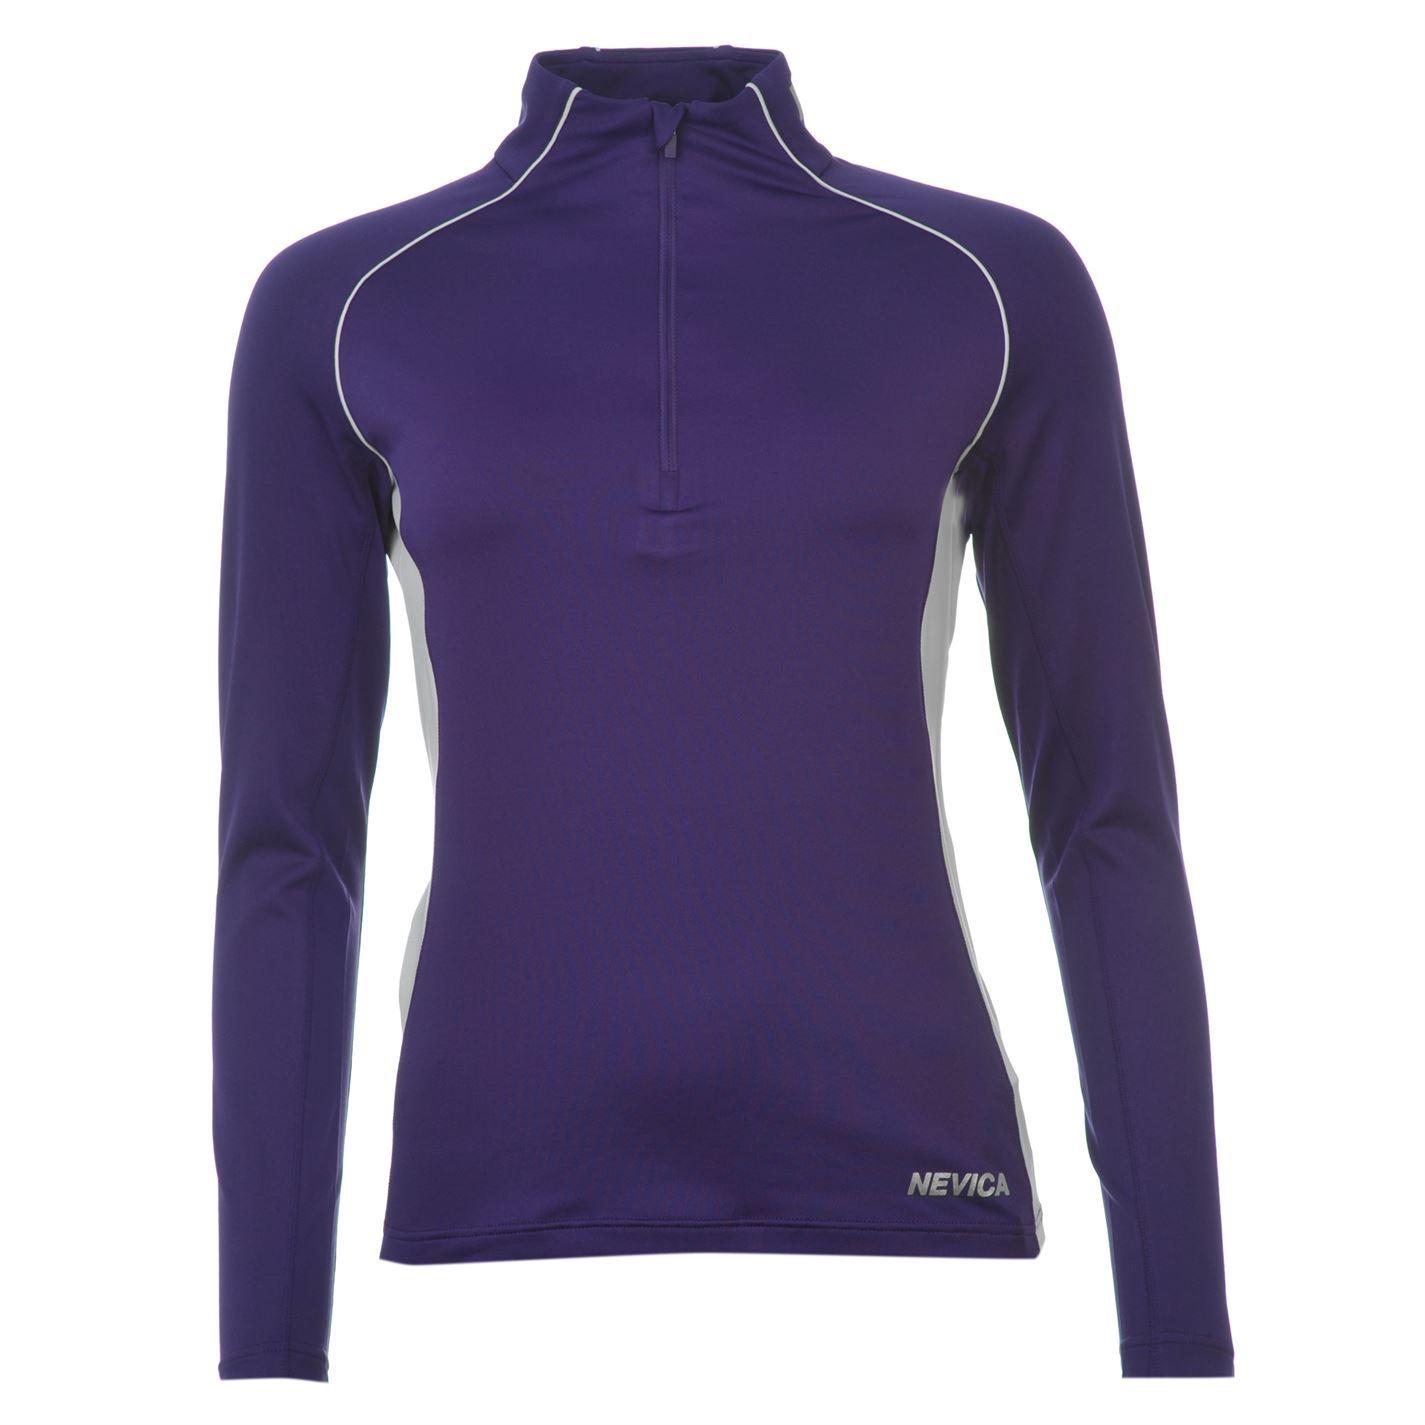 Nevica Womens Ladies Thermal Half Zip Top Long Sleeve: thermal t shirt long sleeve